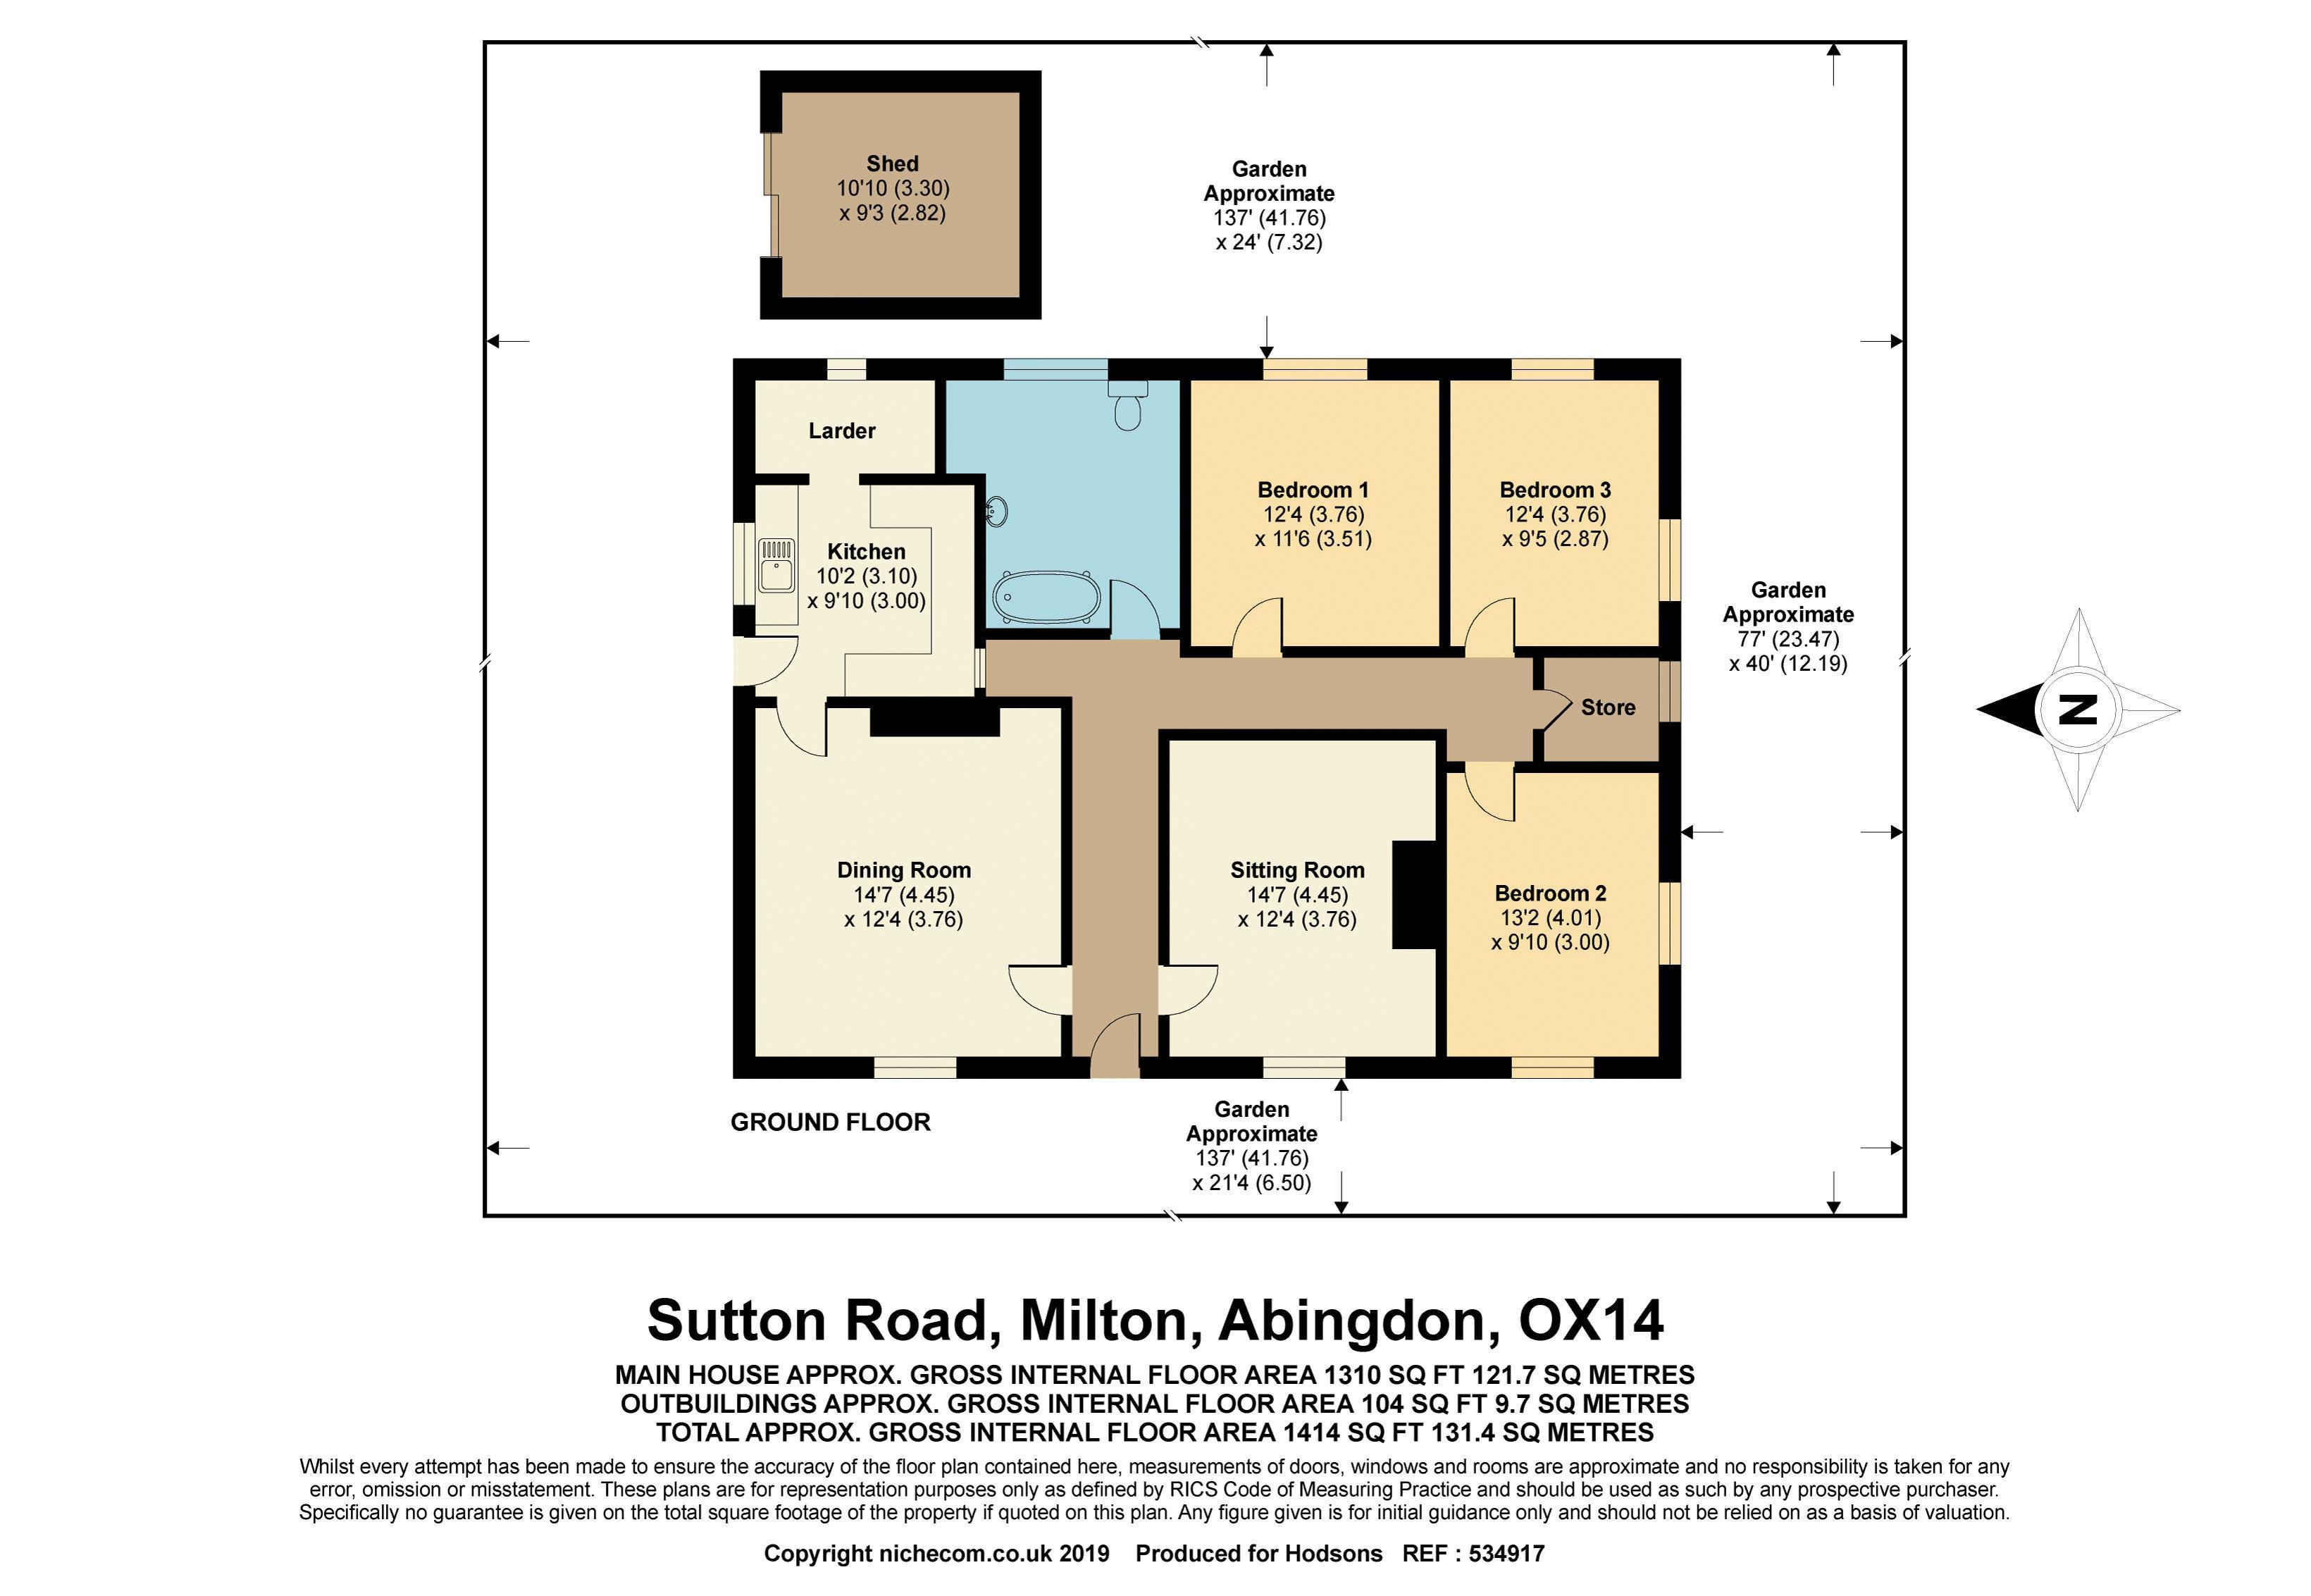 Sutton Road Milton